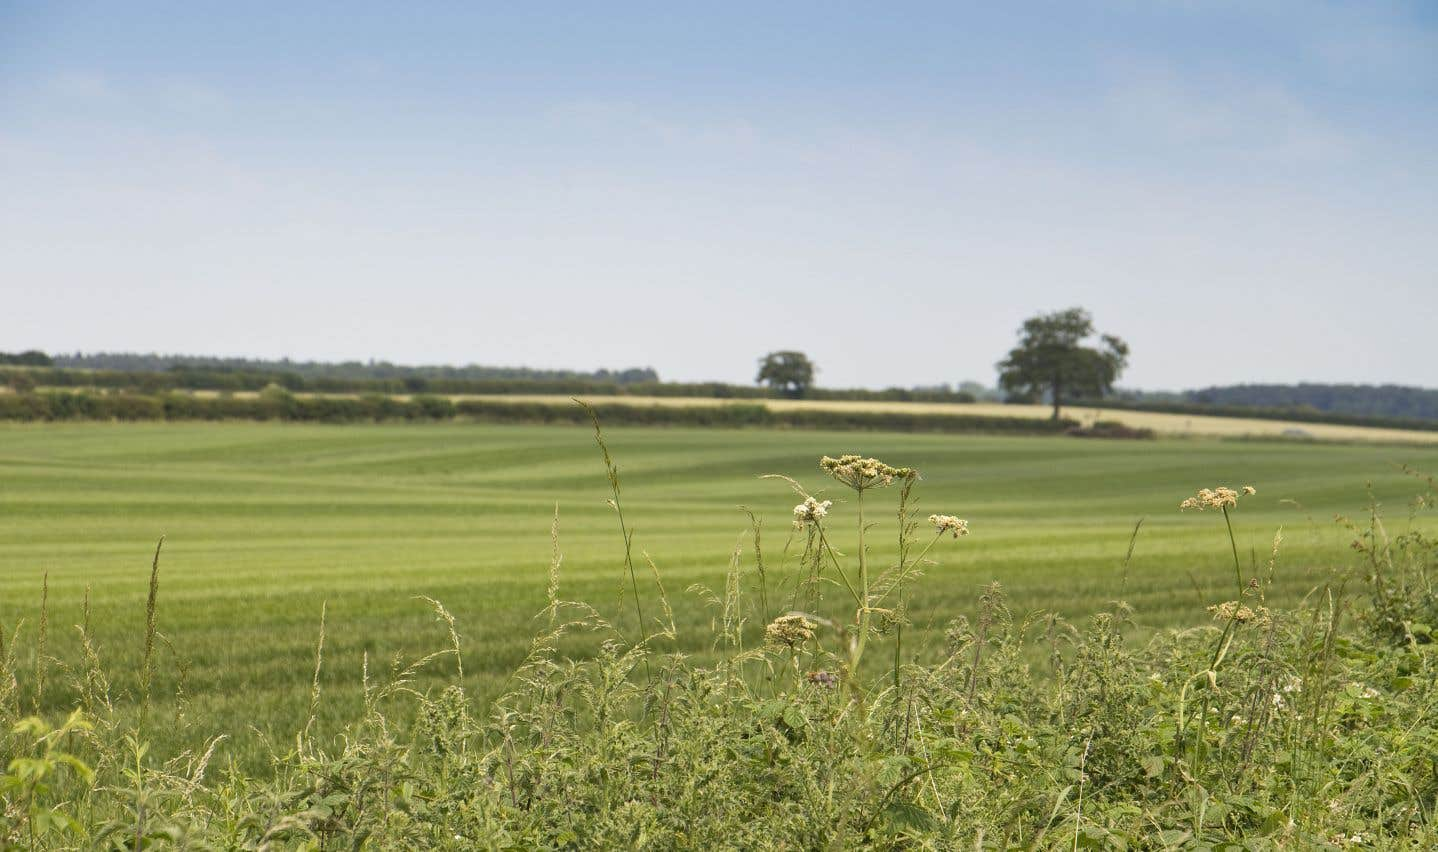 L'Union des producteurs agricoles s'oppose aux aménagements urbains sur des terres agricoles.